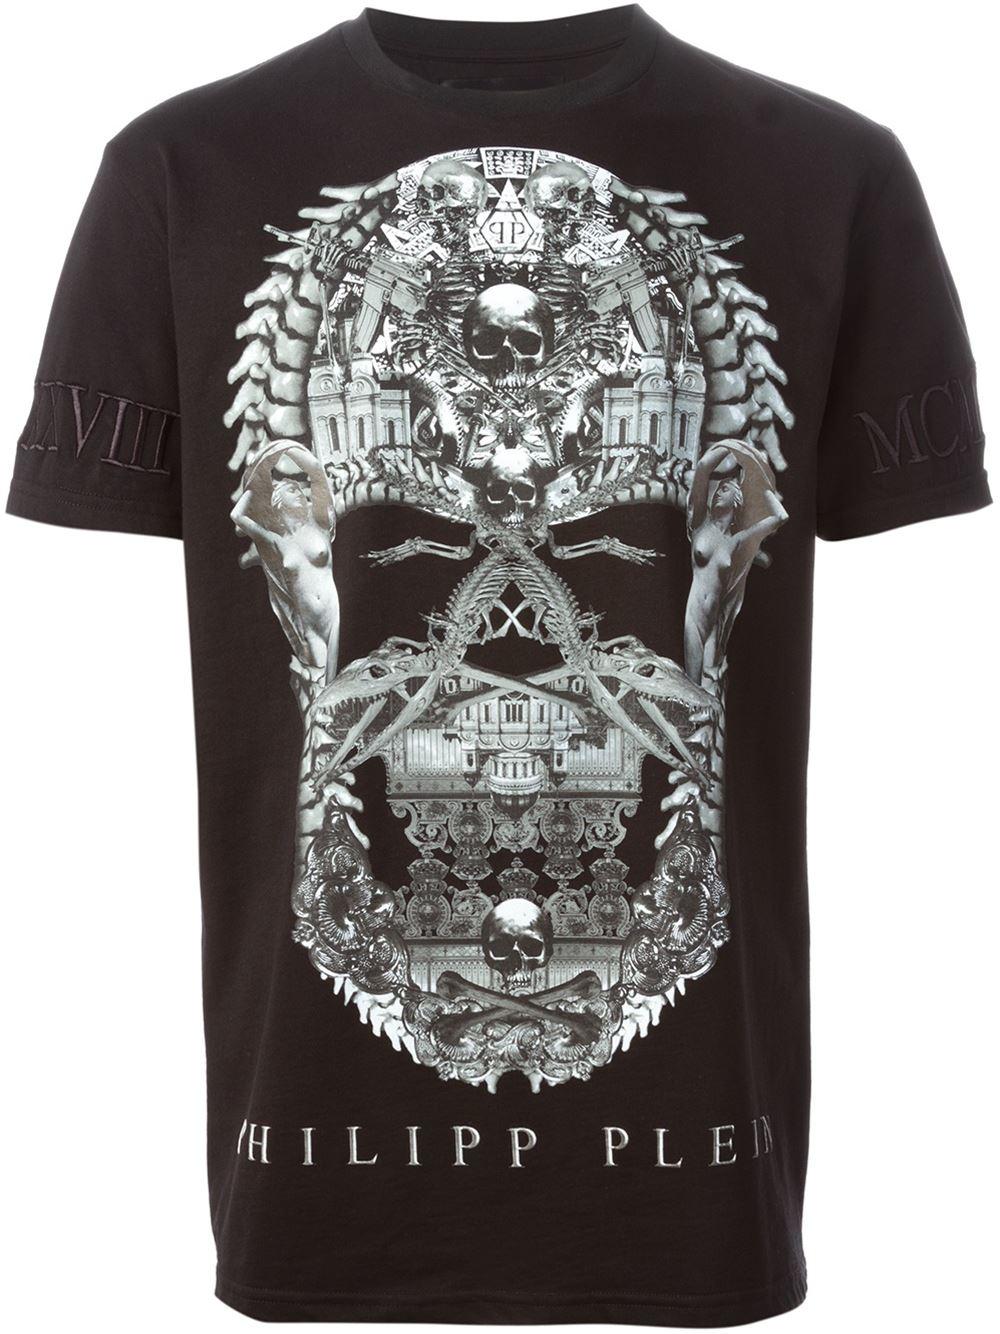 philipp plein tshirts